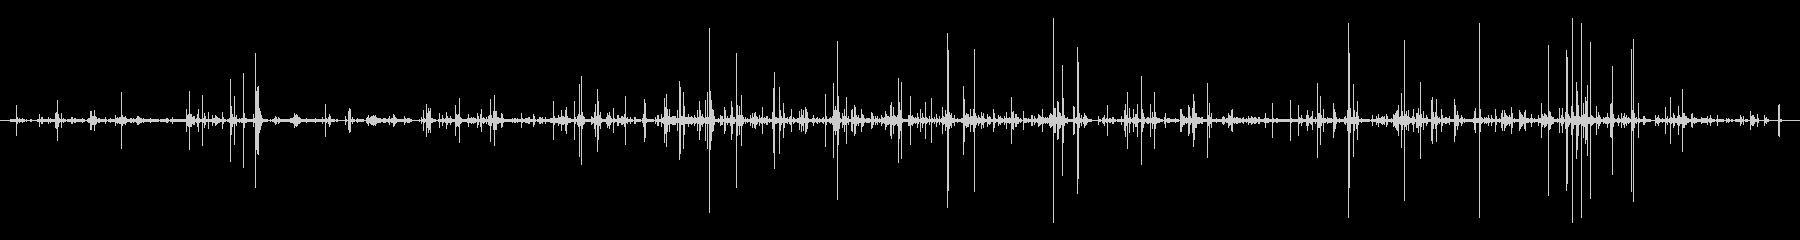 紙 ラッピングハンドルロング01の未再生の波形